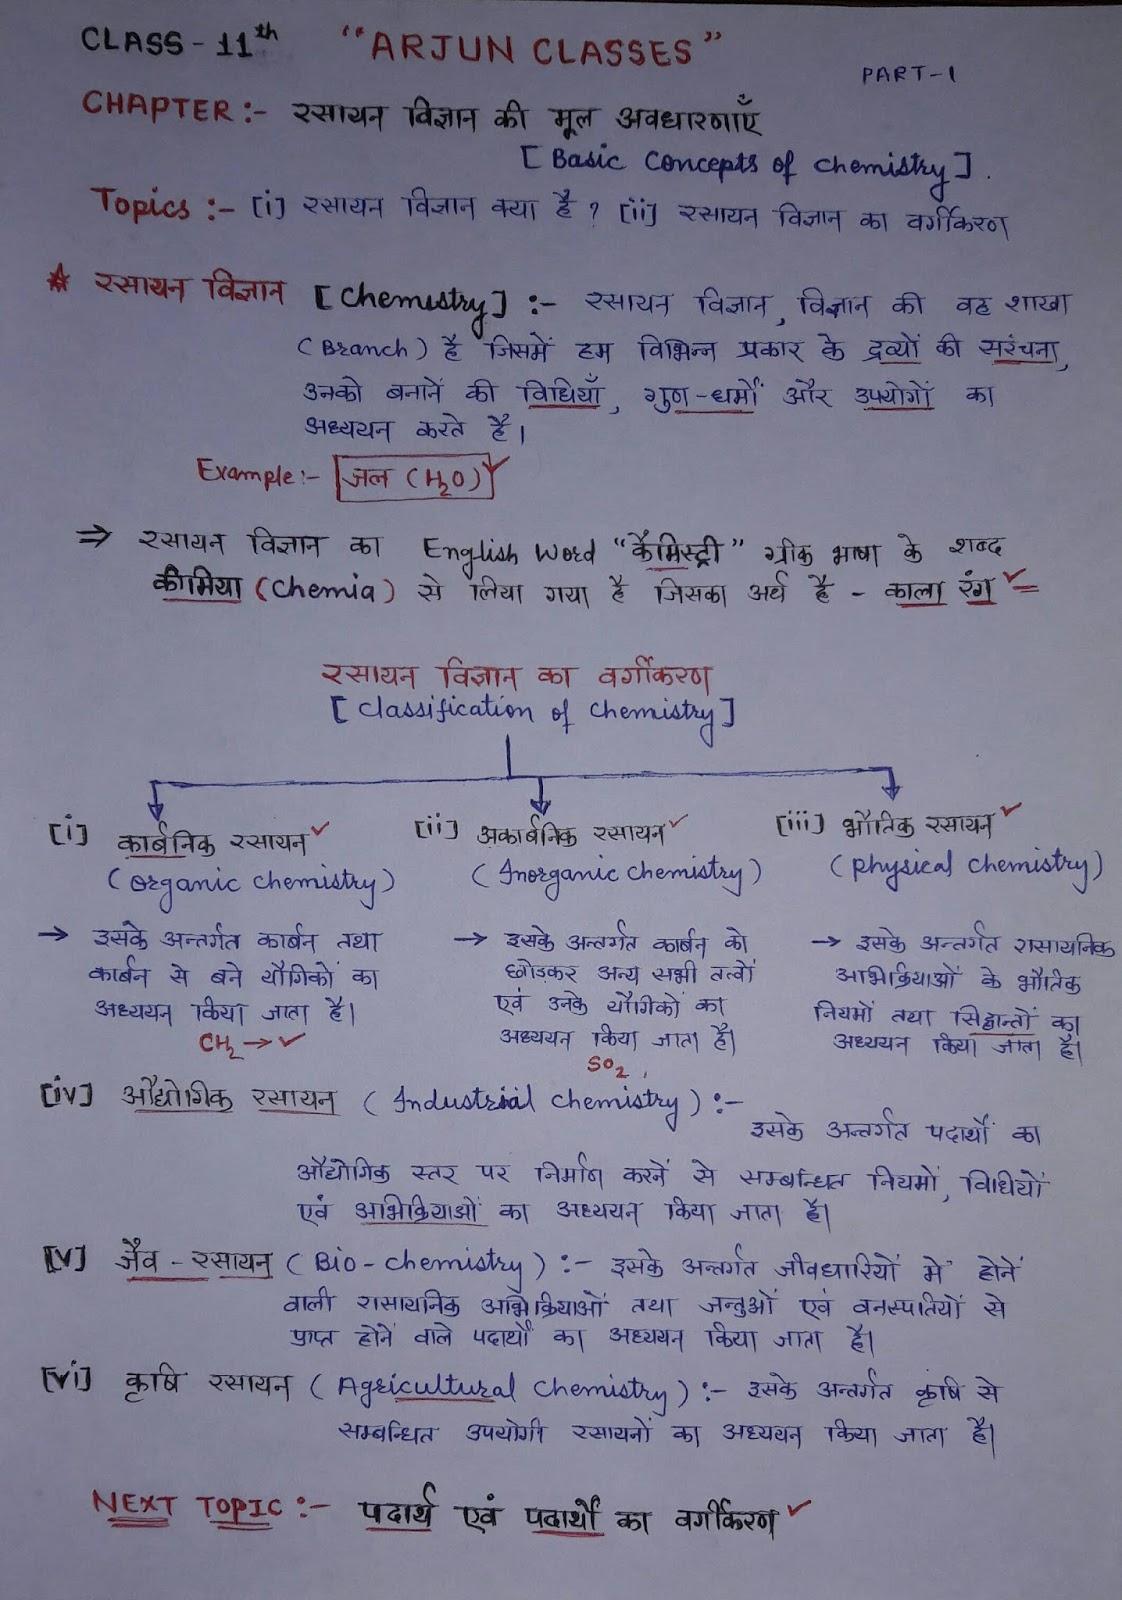 रसायन विज्ञान क्या है